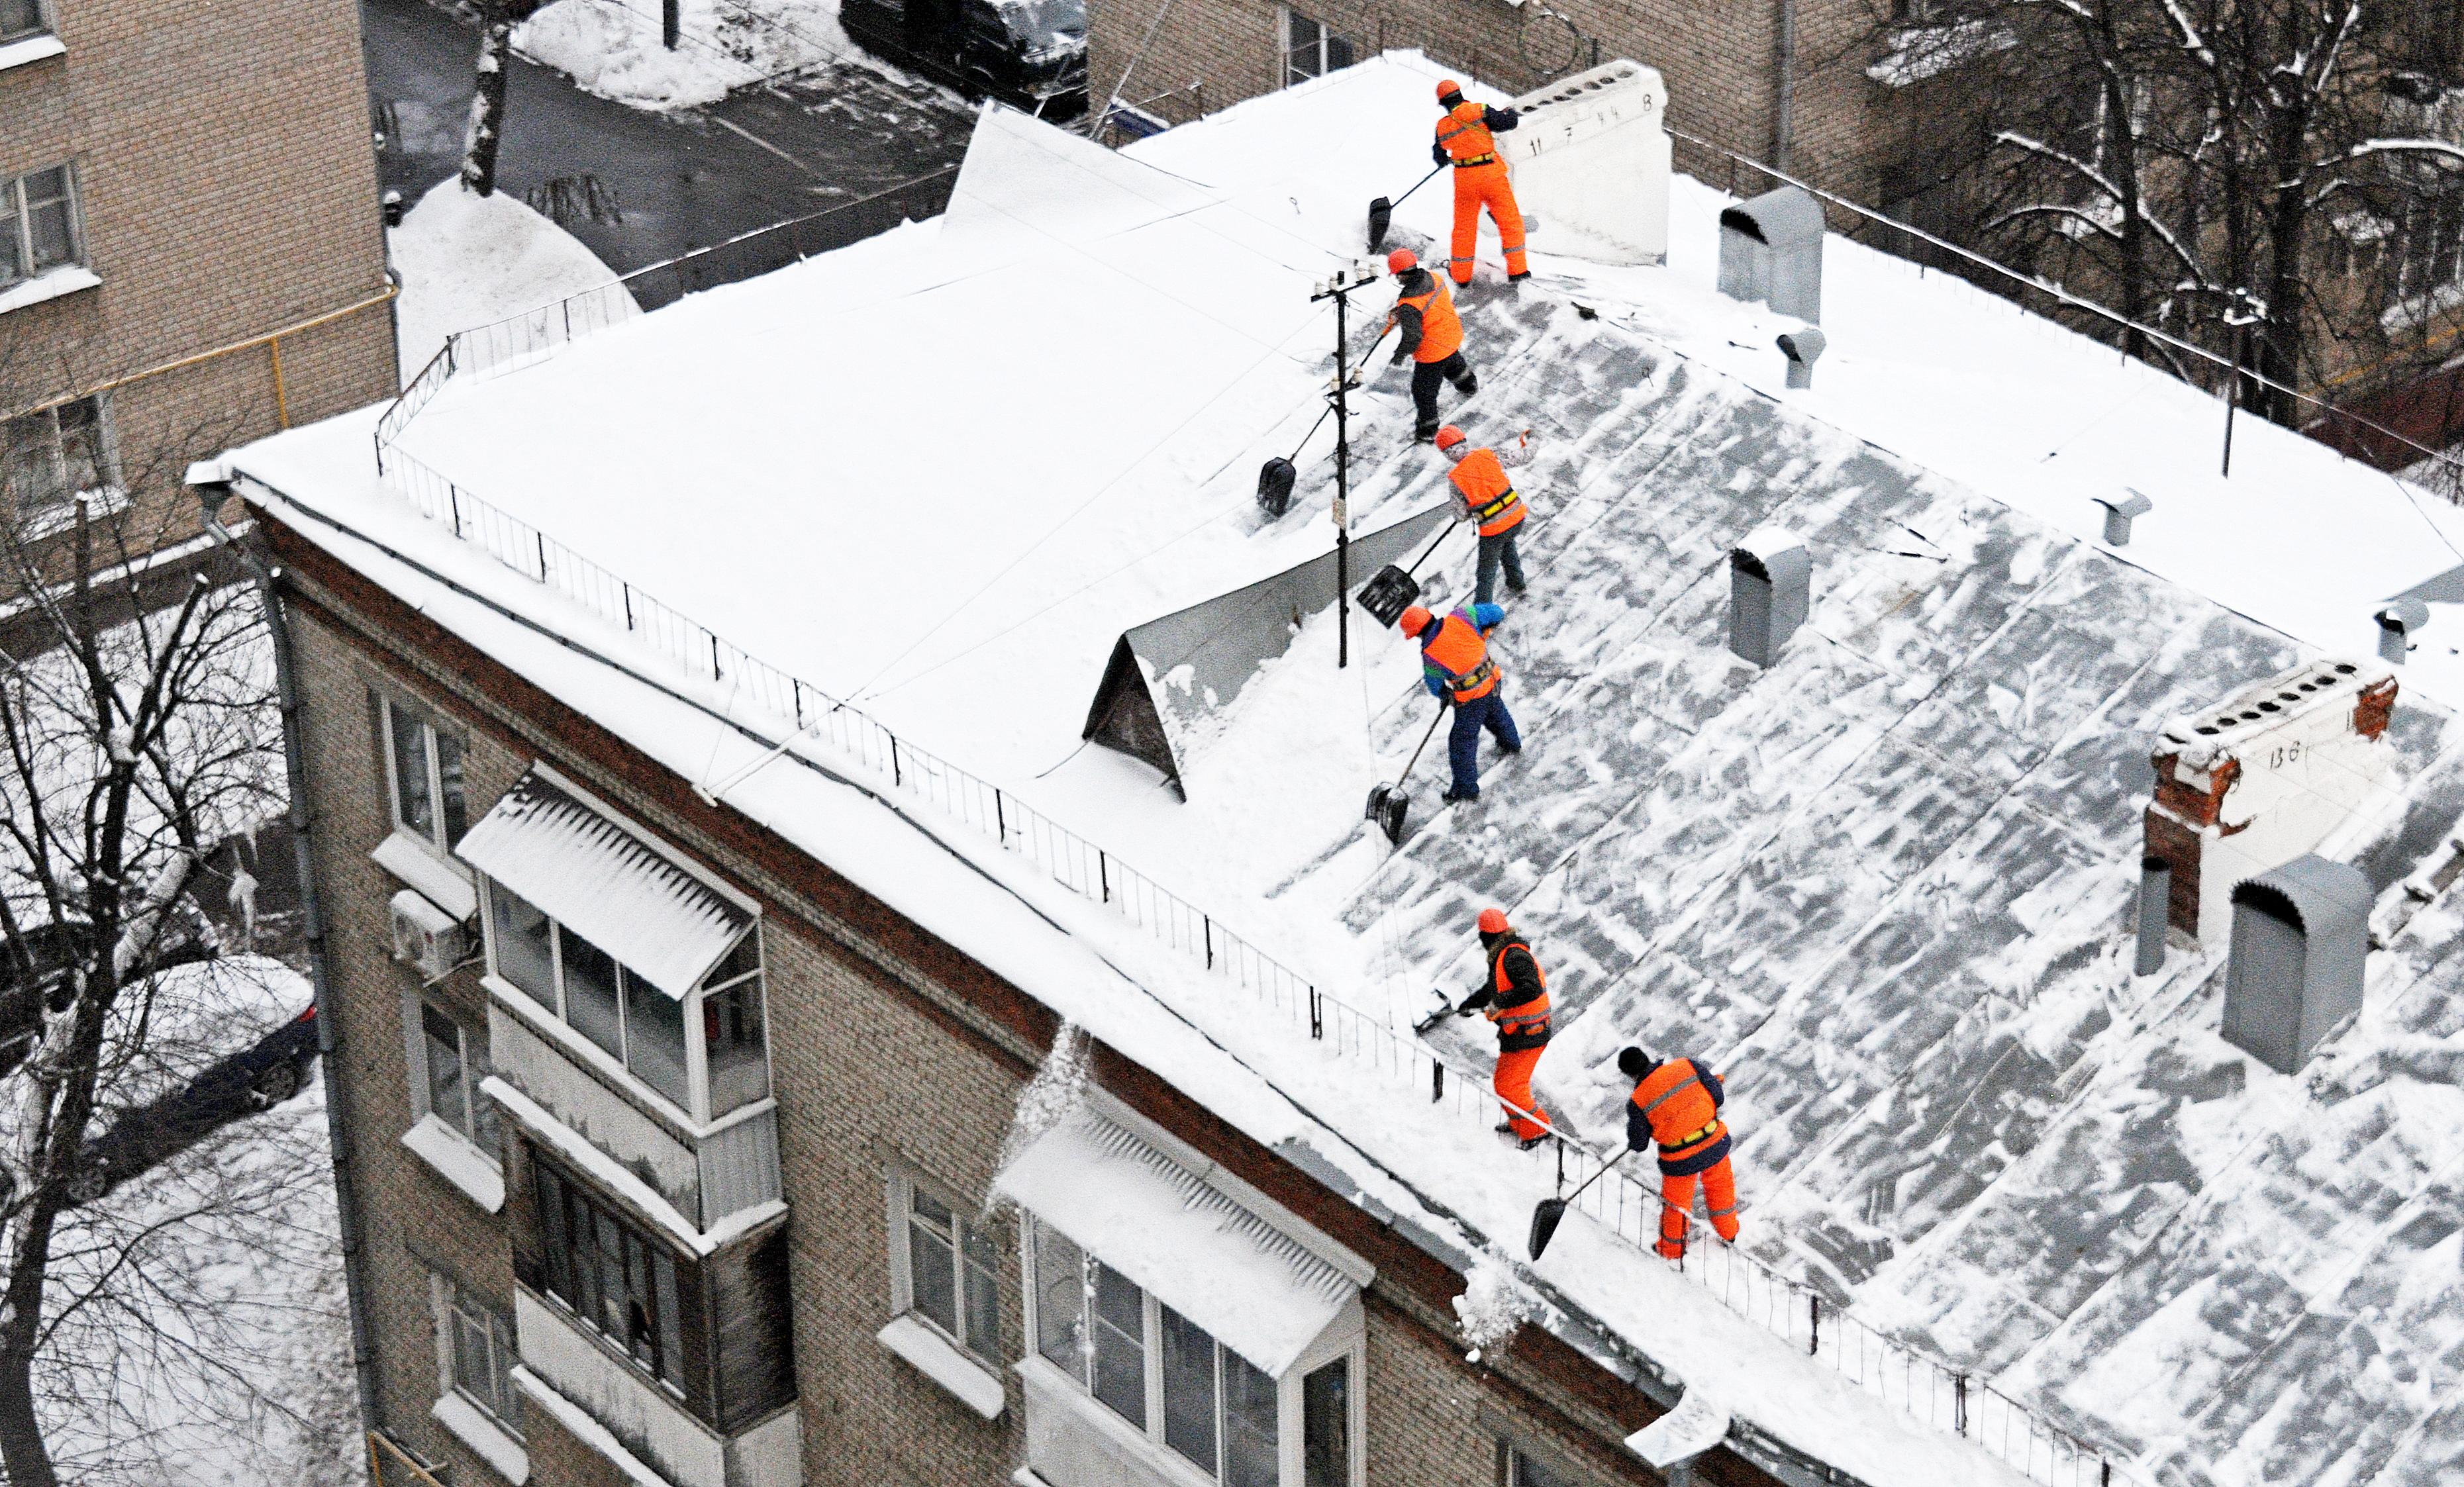 снег на крыше дома картинки моя любовь